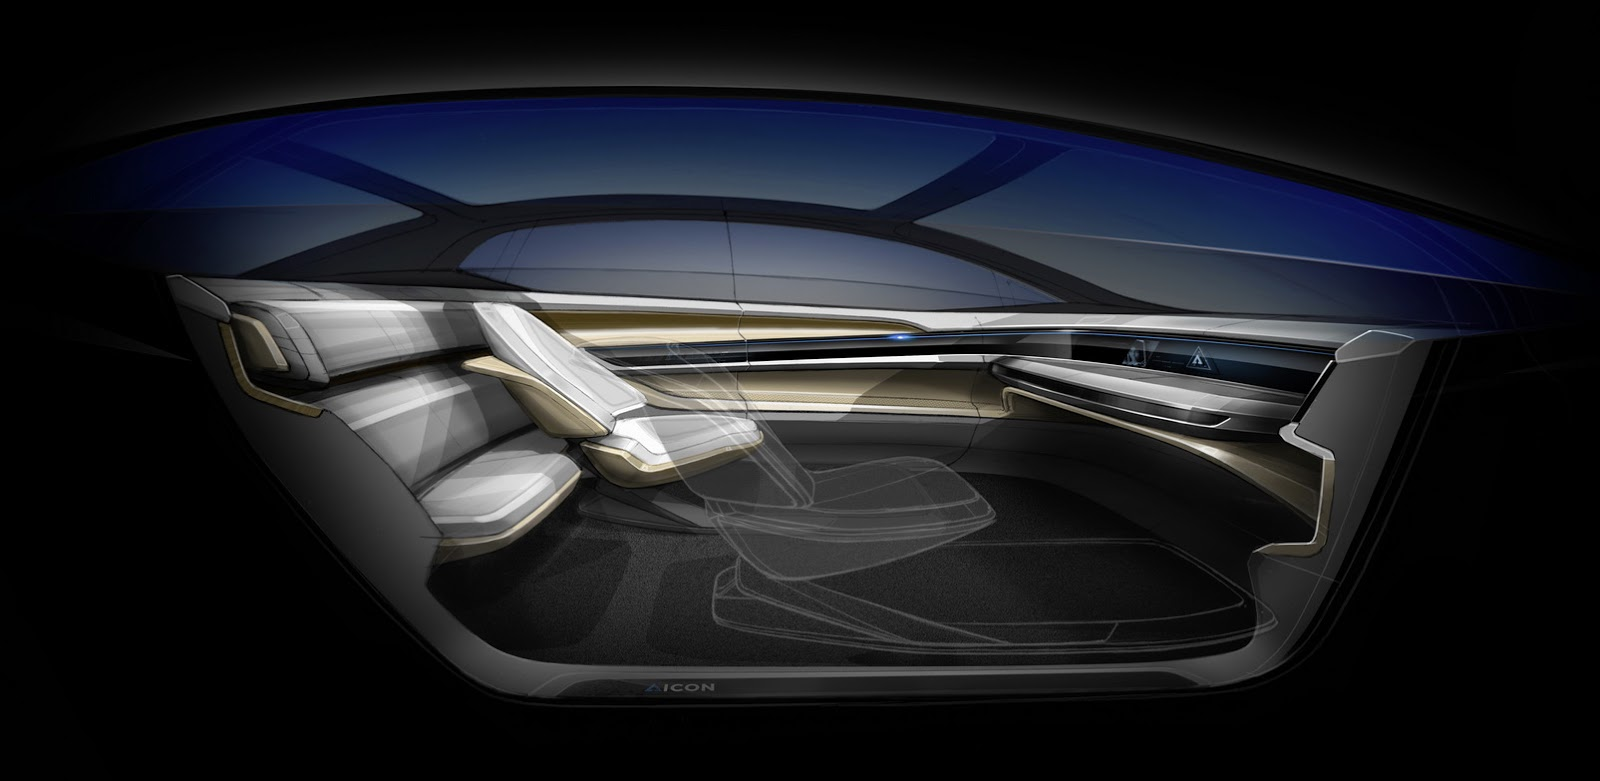 Audi Aicon Concept Is Another Autonomous Ev This Time